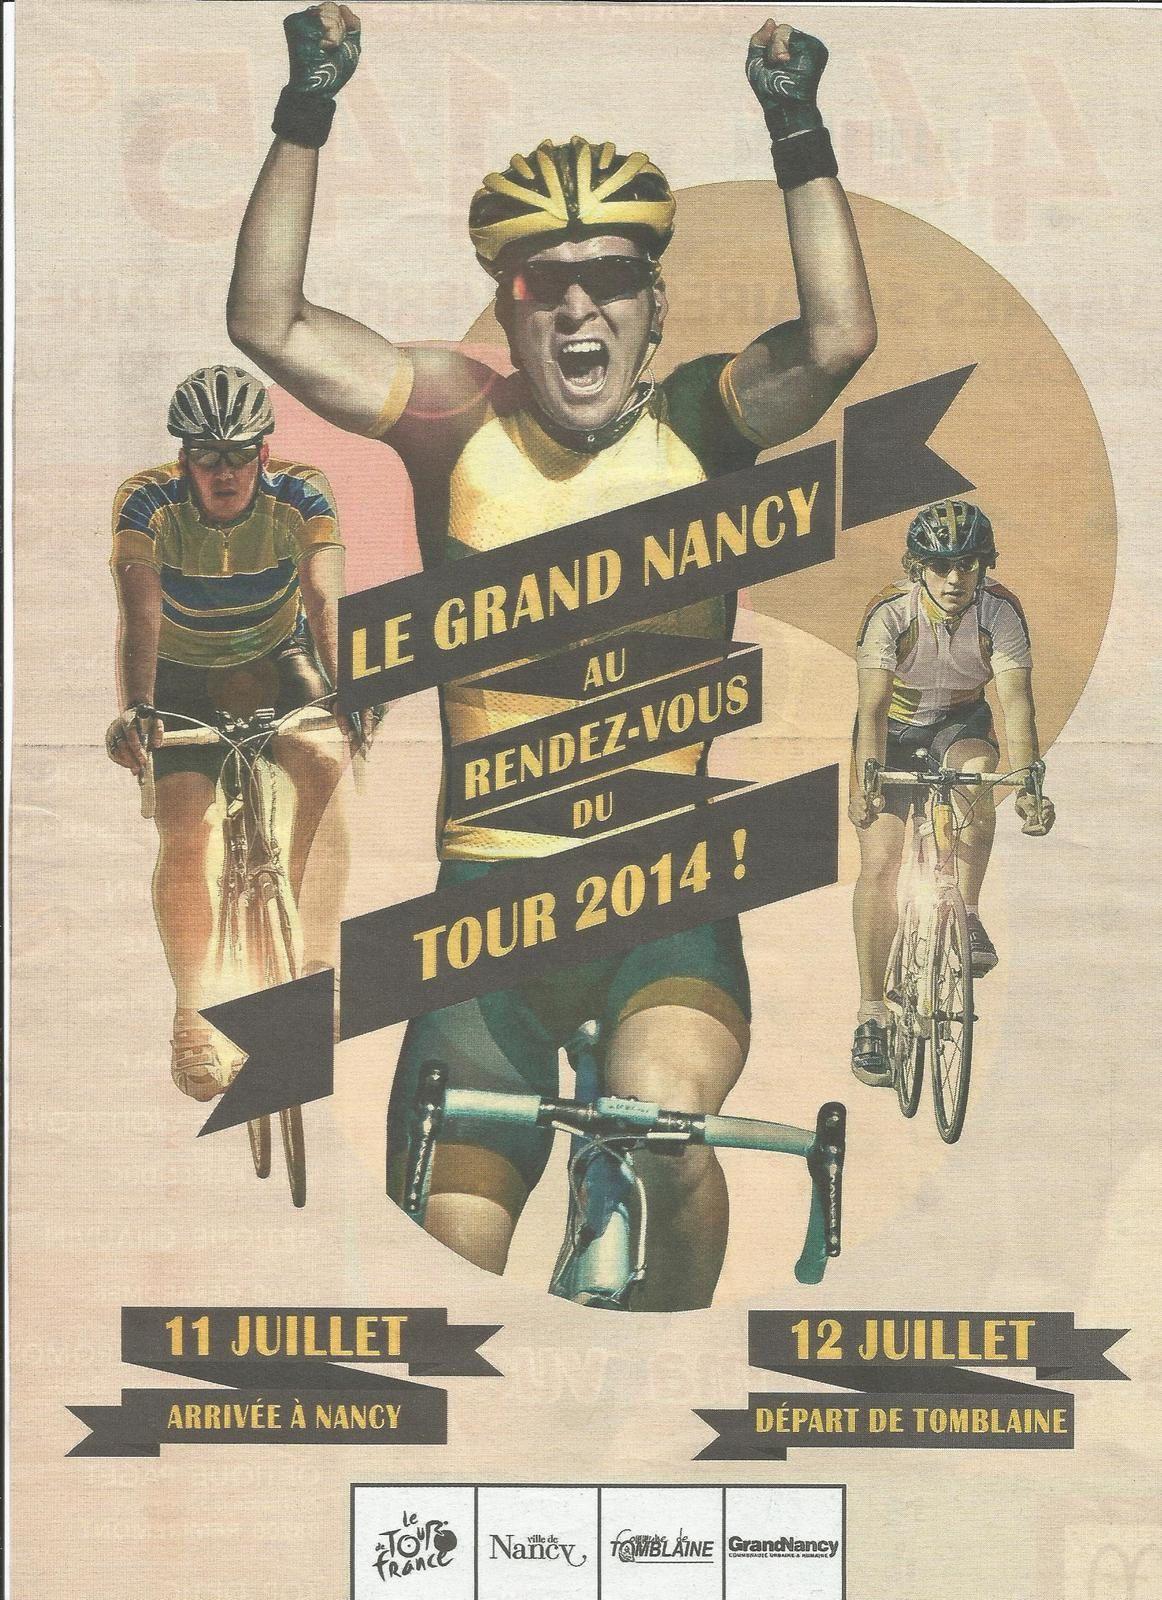 Arrivée du Tour de France vendredi à Nancy... Le soir, théâtre gratuit (une pièce de Molière) Place de la Carrière à 22h00...